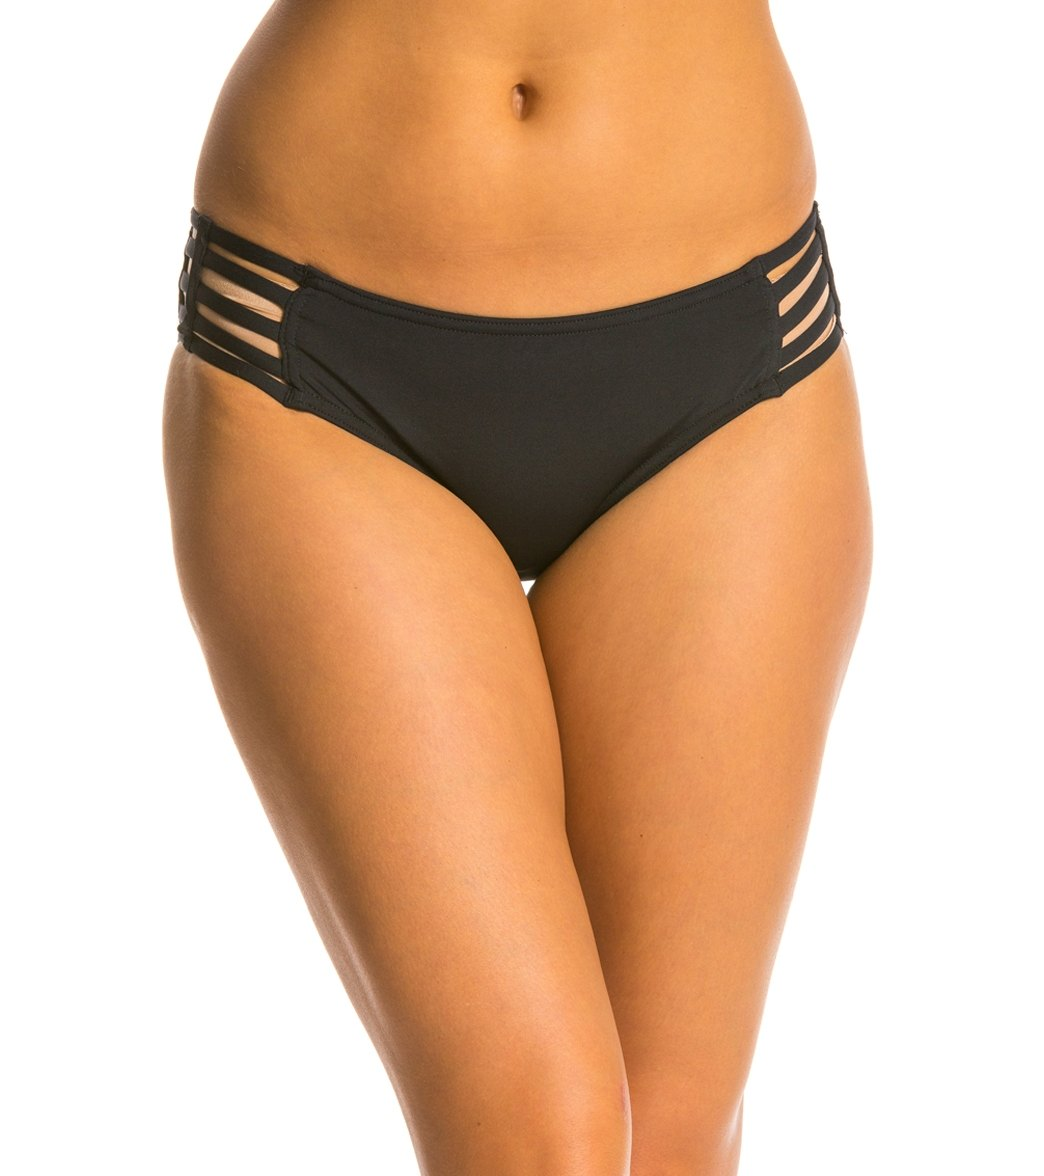 be269d847e2f6 Jag Core Solids Strappy Side Retro Bikini Bottom at SwimOutlet.com - Free  Shipping